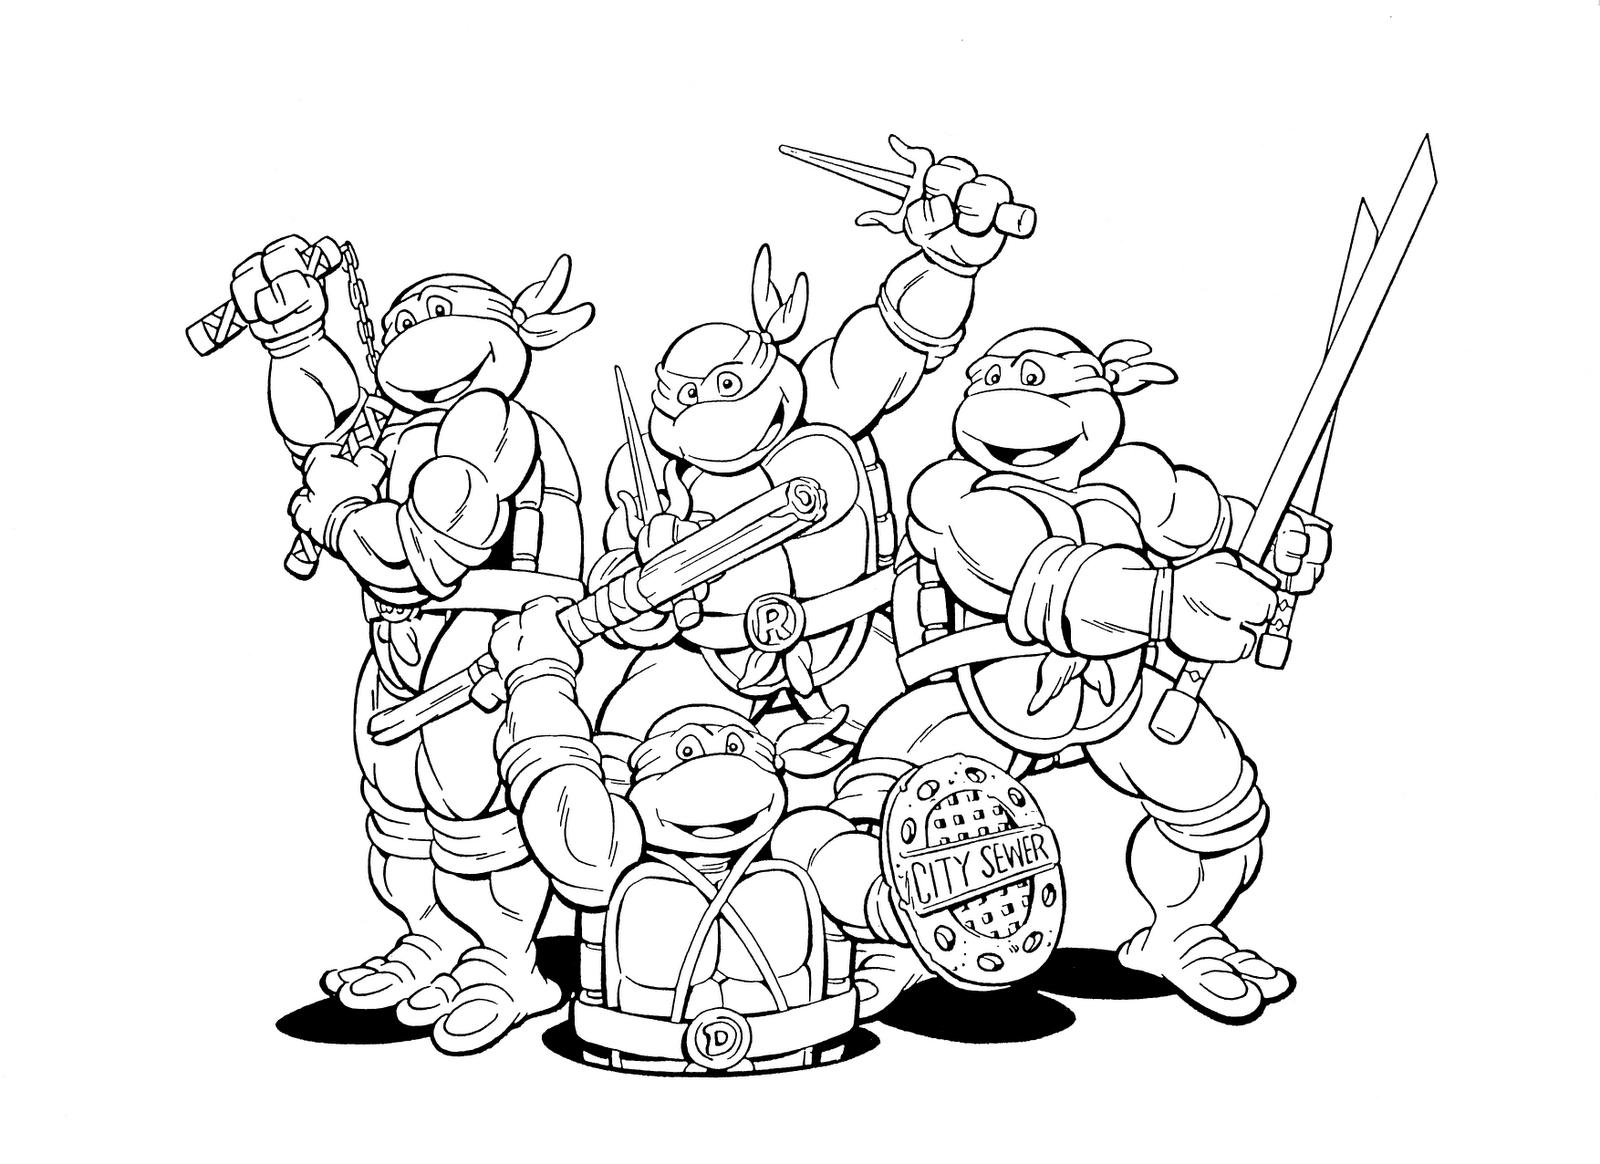 ninja turtles coloring pages printables craftoholic teenage mutant ninja turtles coloring pages printables turtles ninja coloring pages